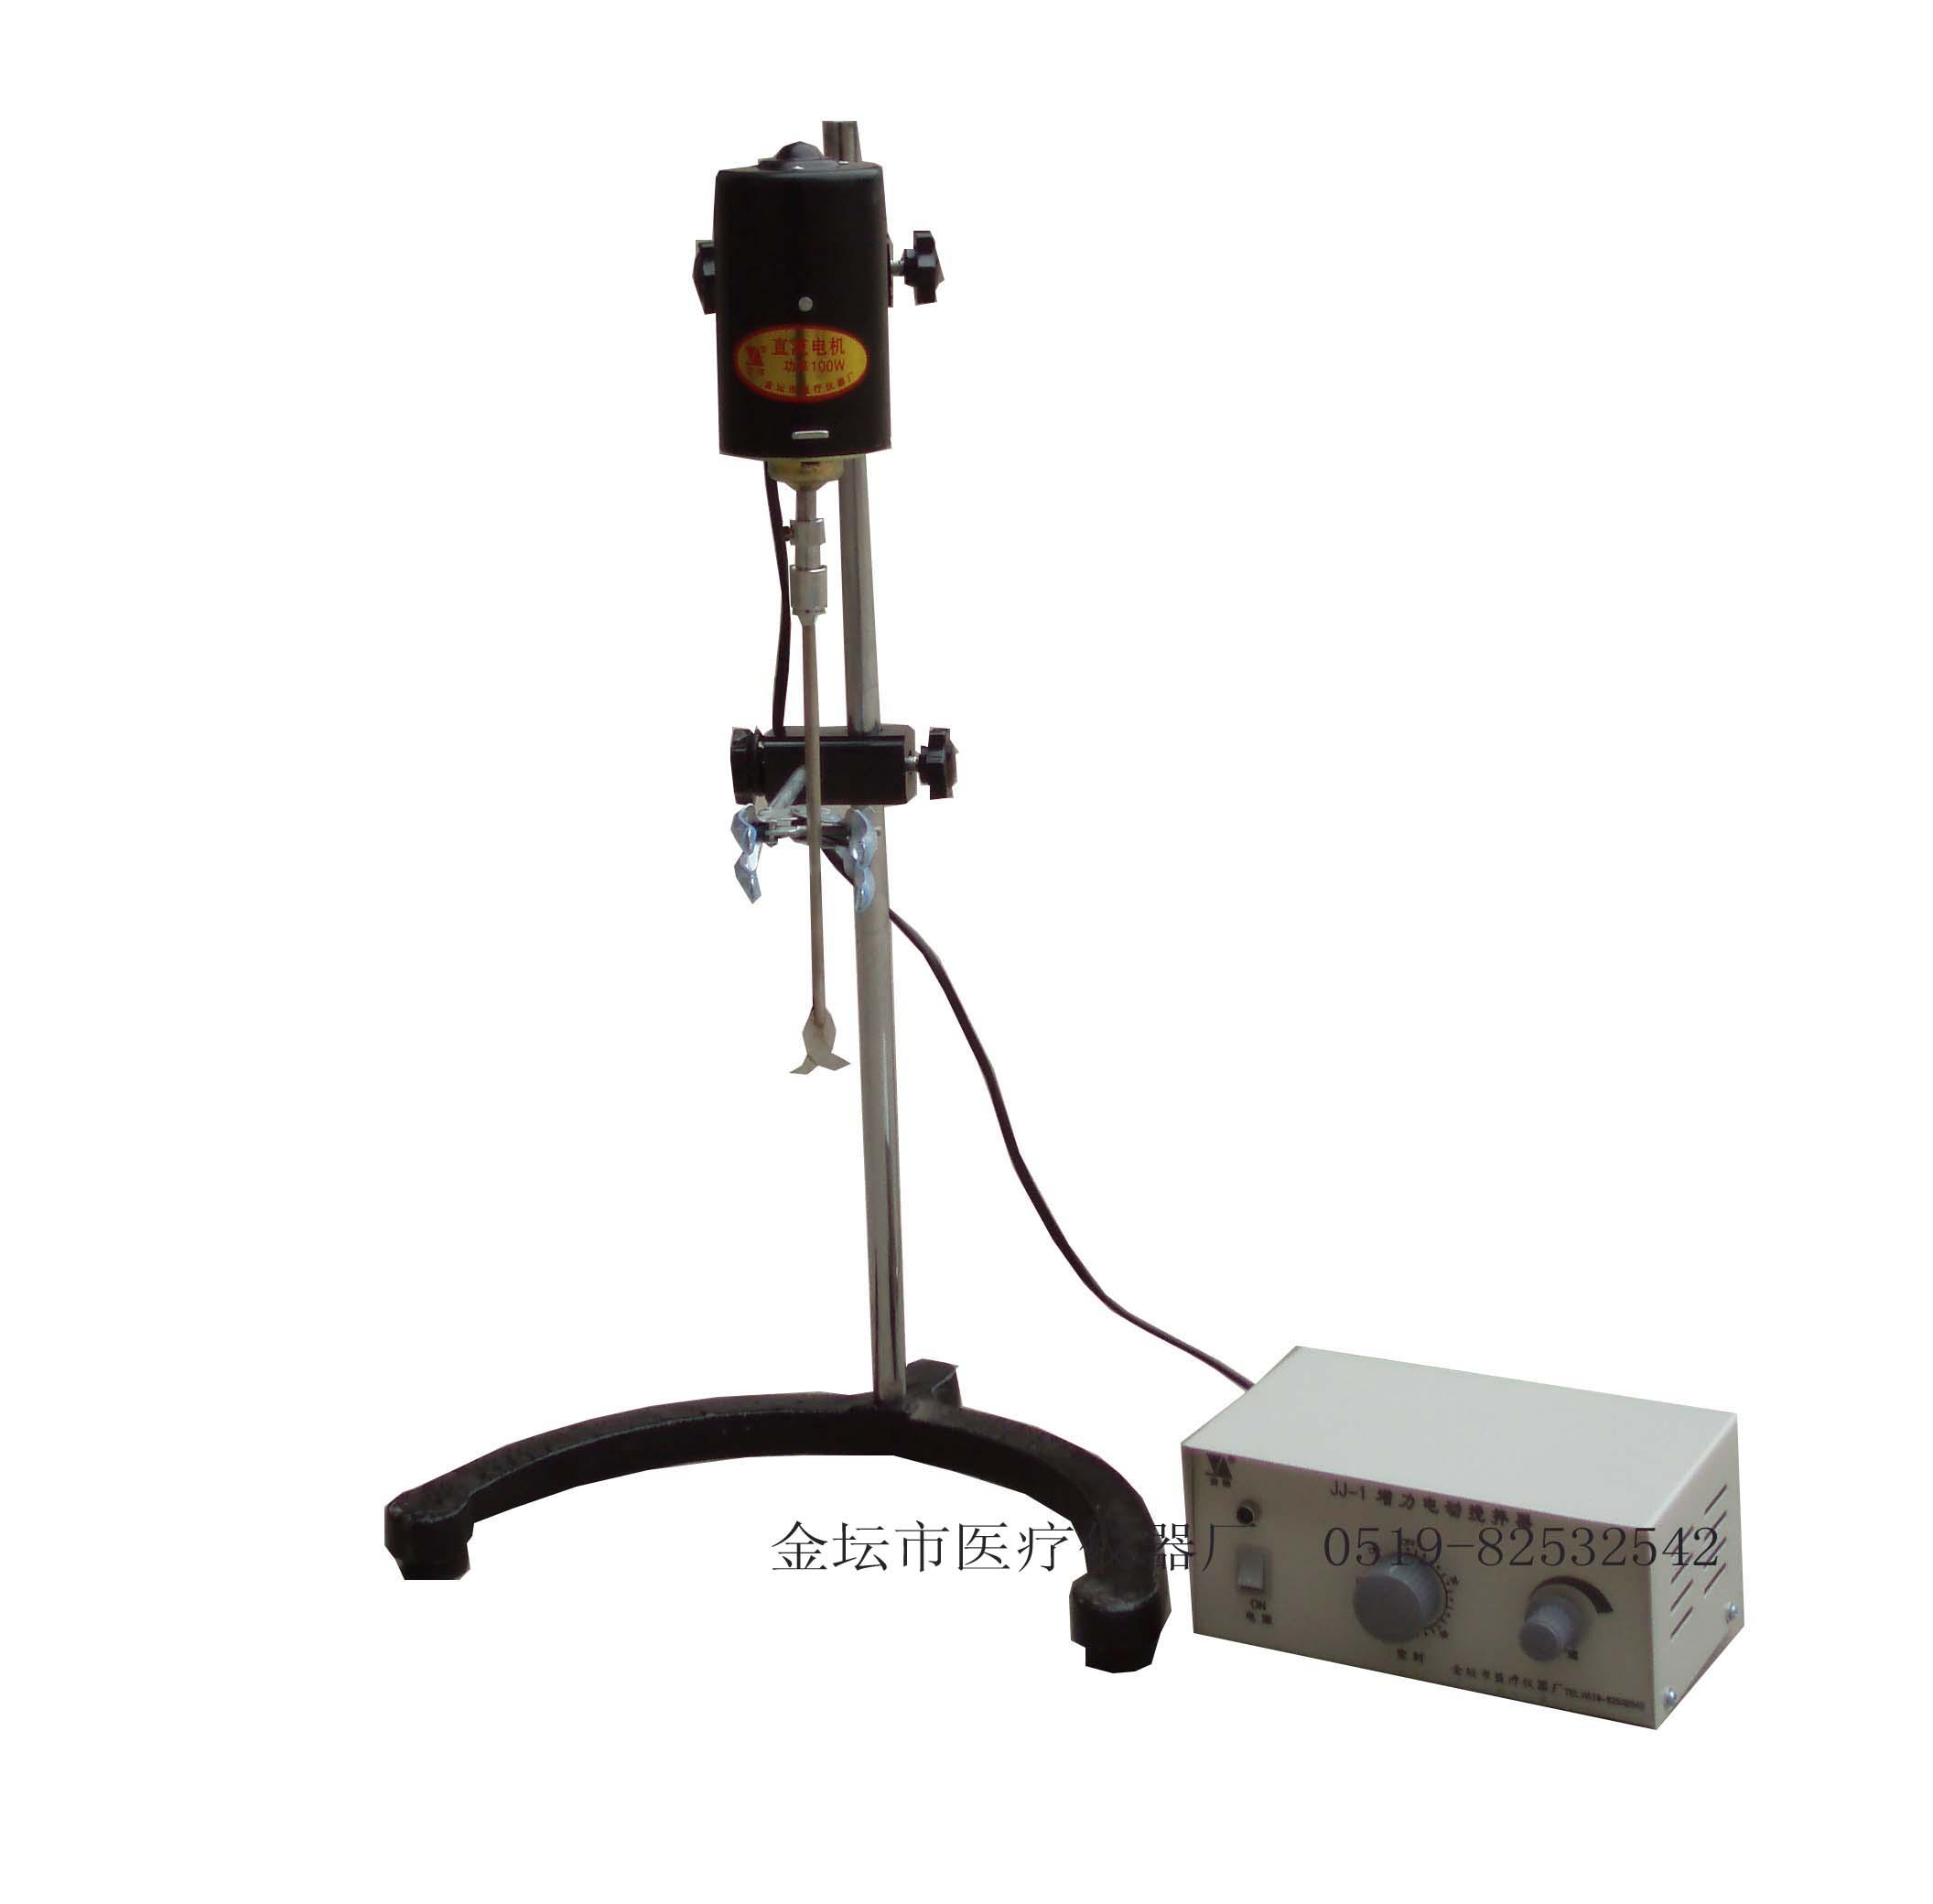 江苏金坛JJ-1 100W增力电动搅拌器